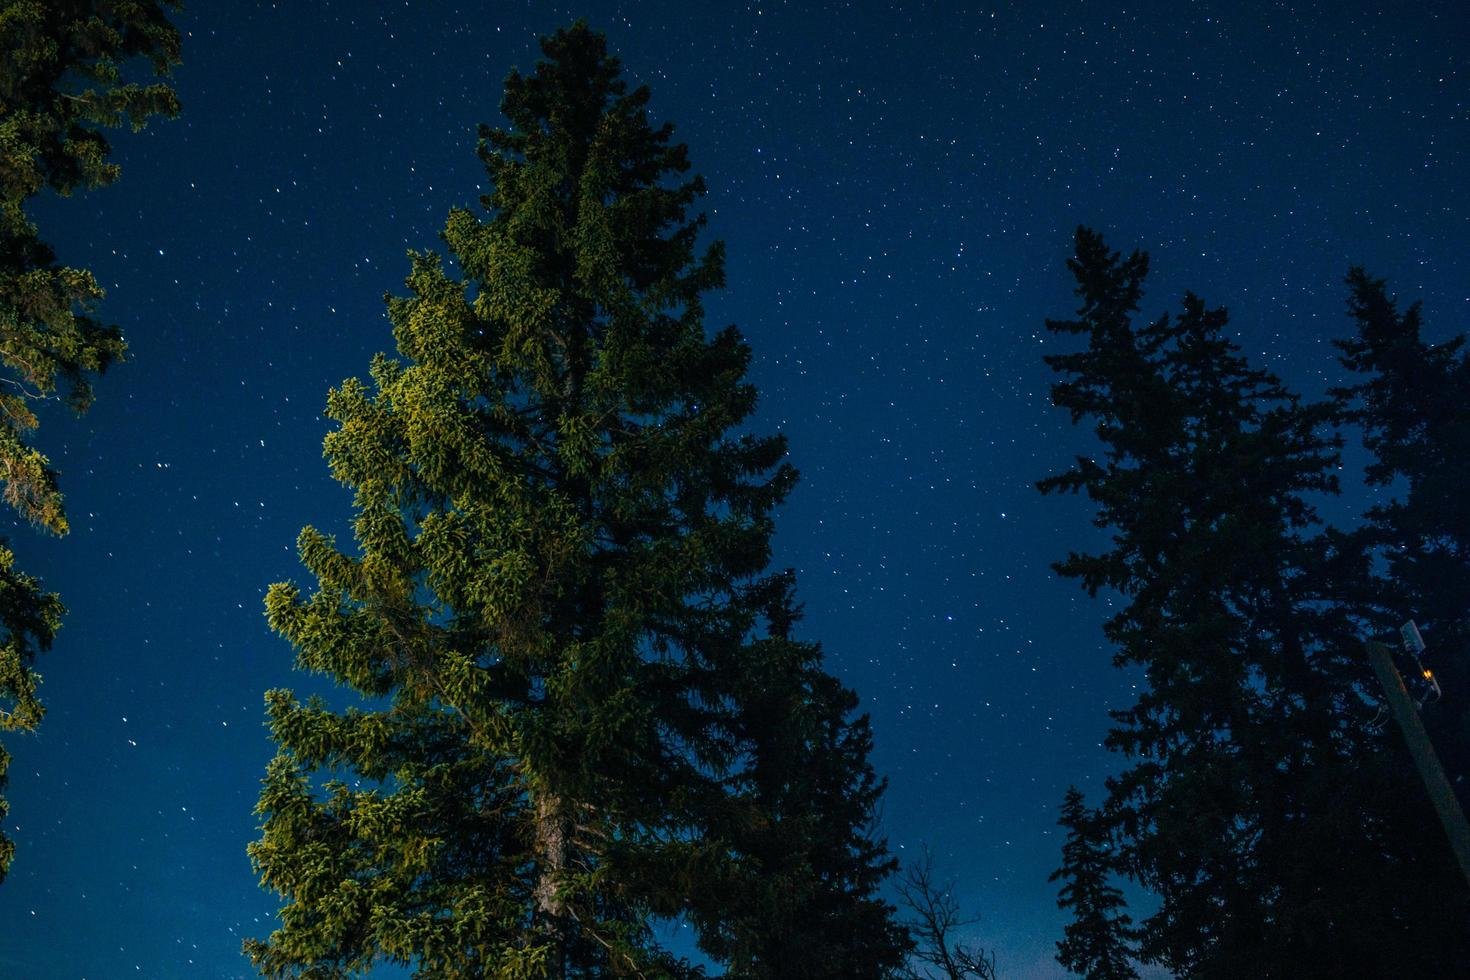 beleuchtete Kiefer in der Nacht foto